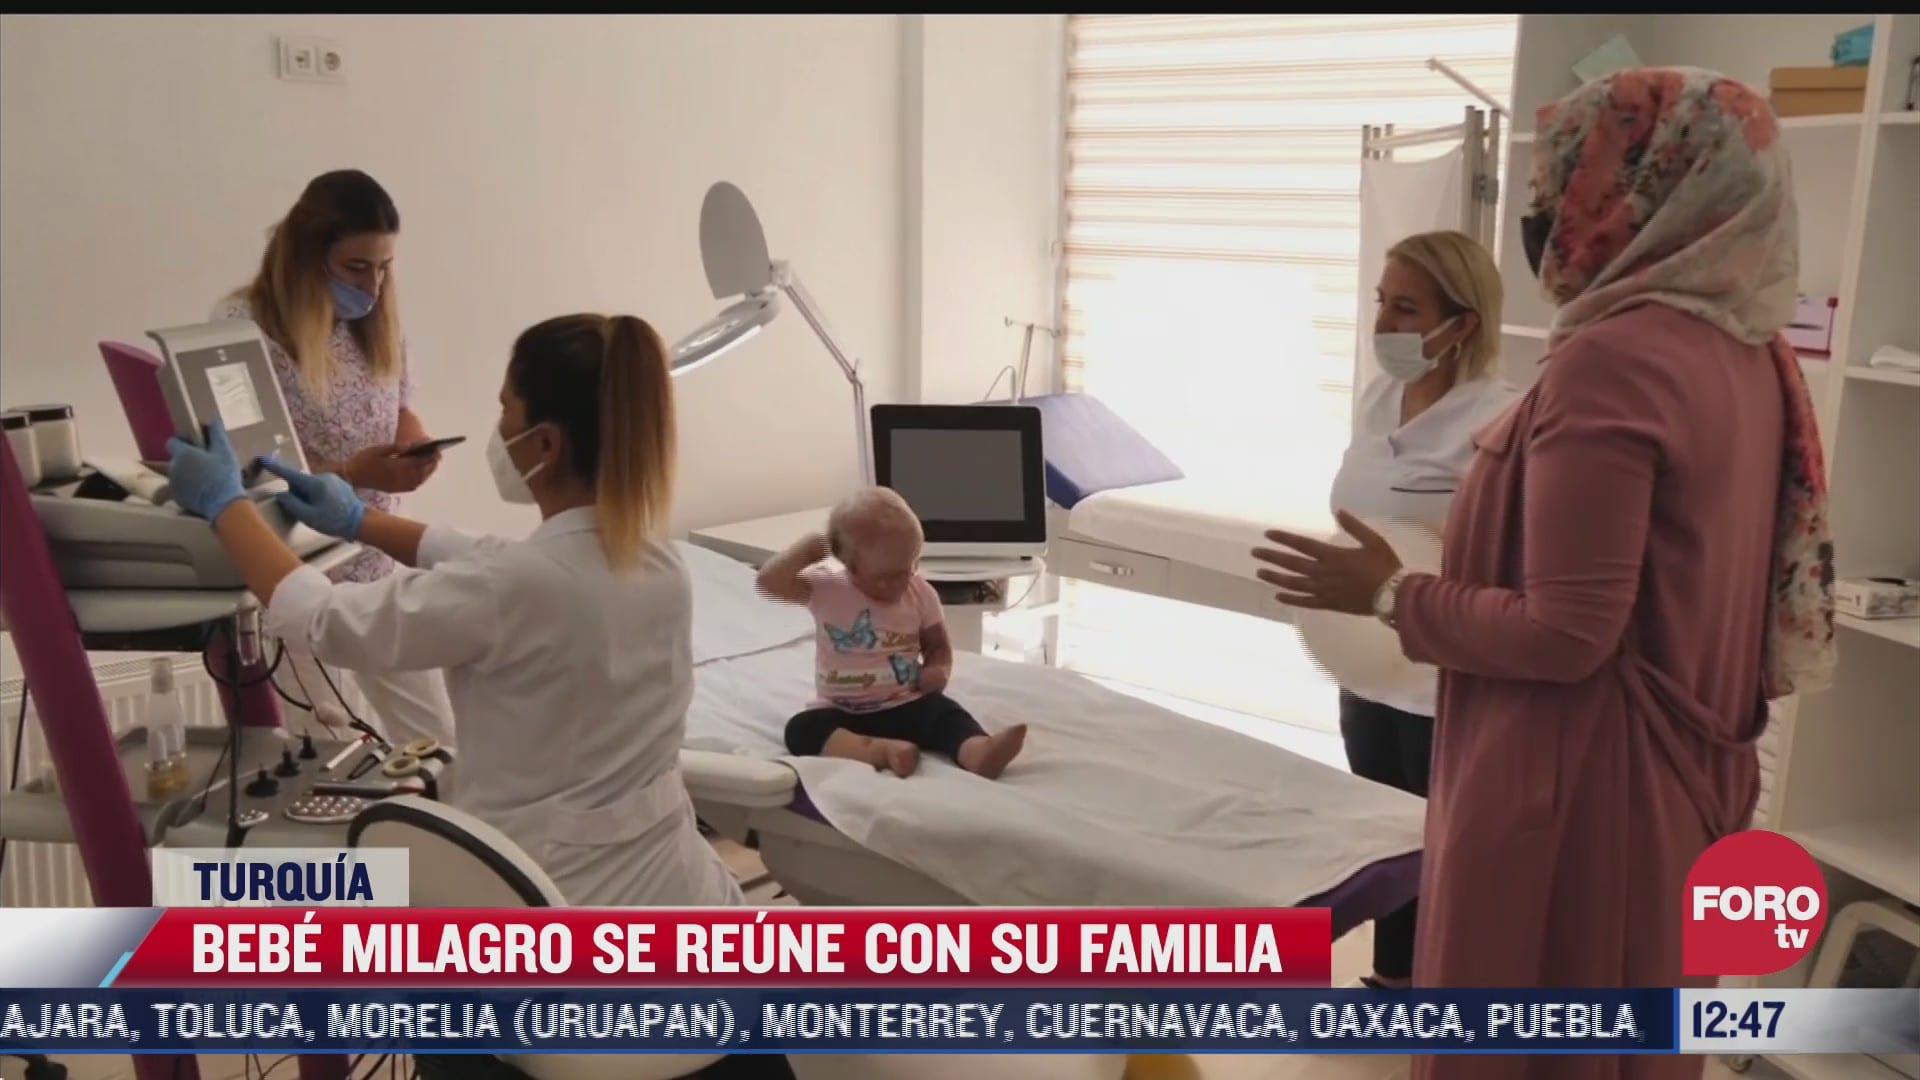 Bebé milagro se reúne con su familia tras meses en cuidados intensivos